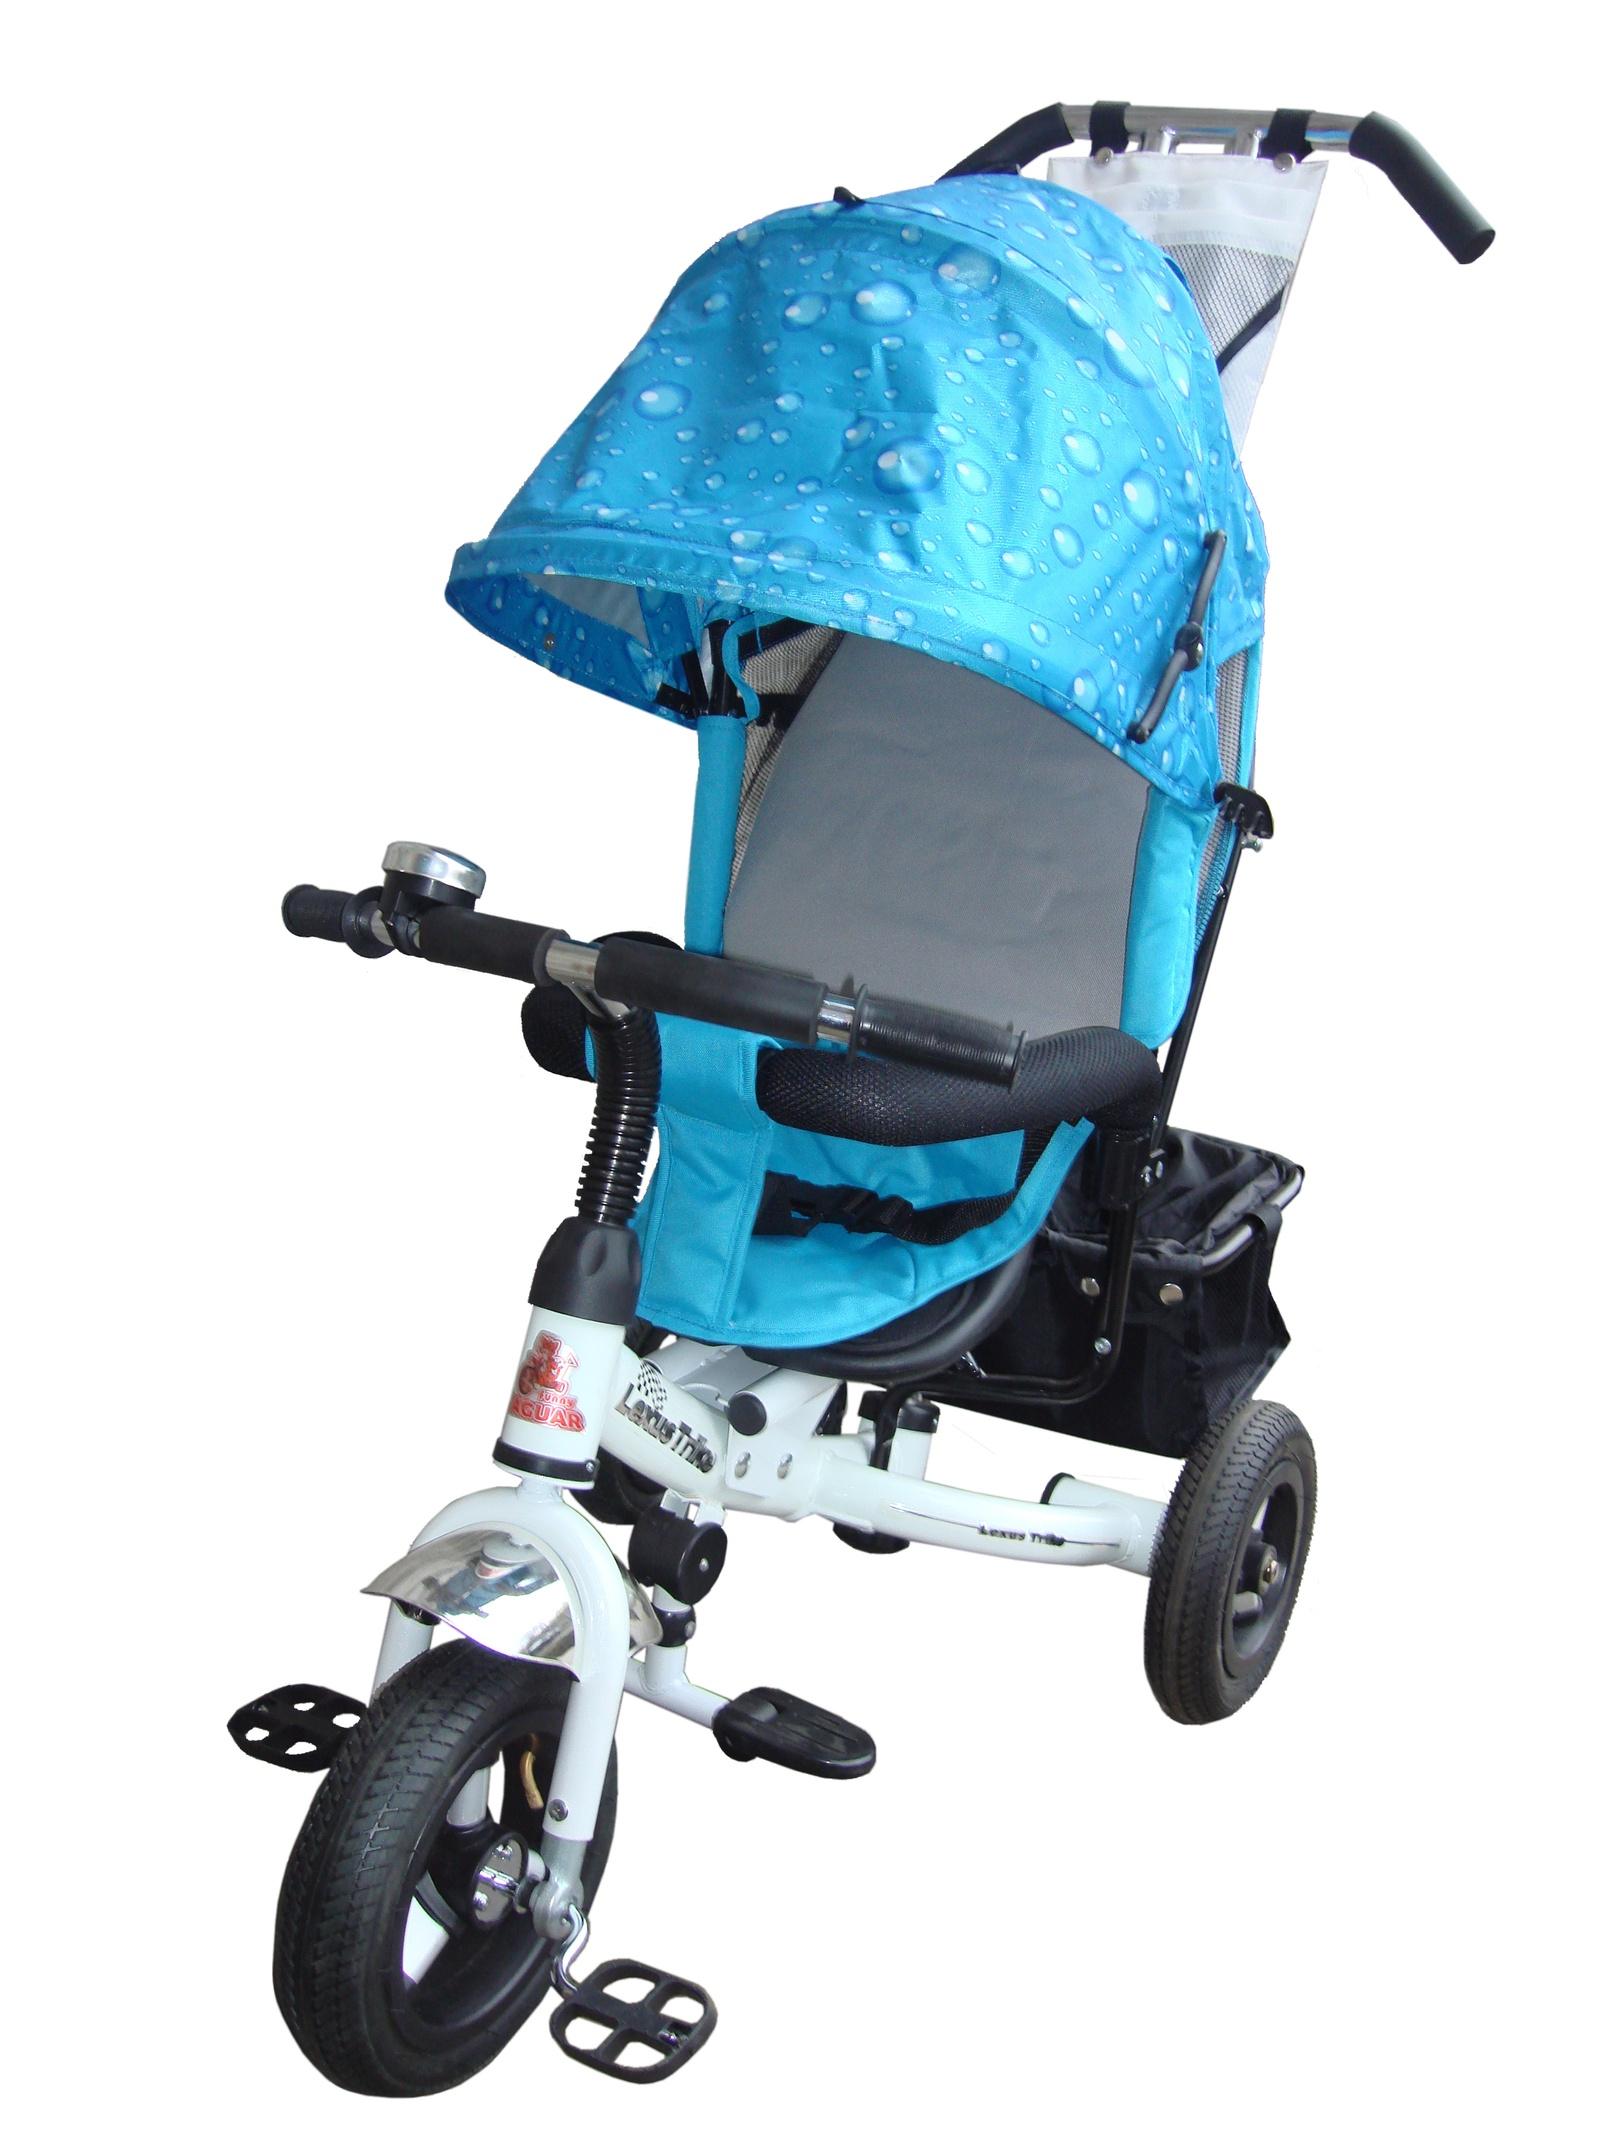 Велосипед Lexus Trike MS-0526, белый, голубой велосипед для ребенка 3 года